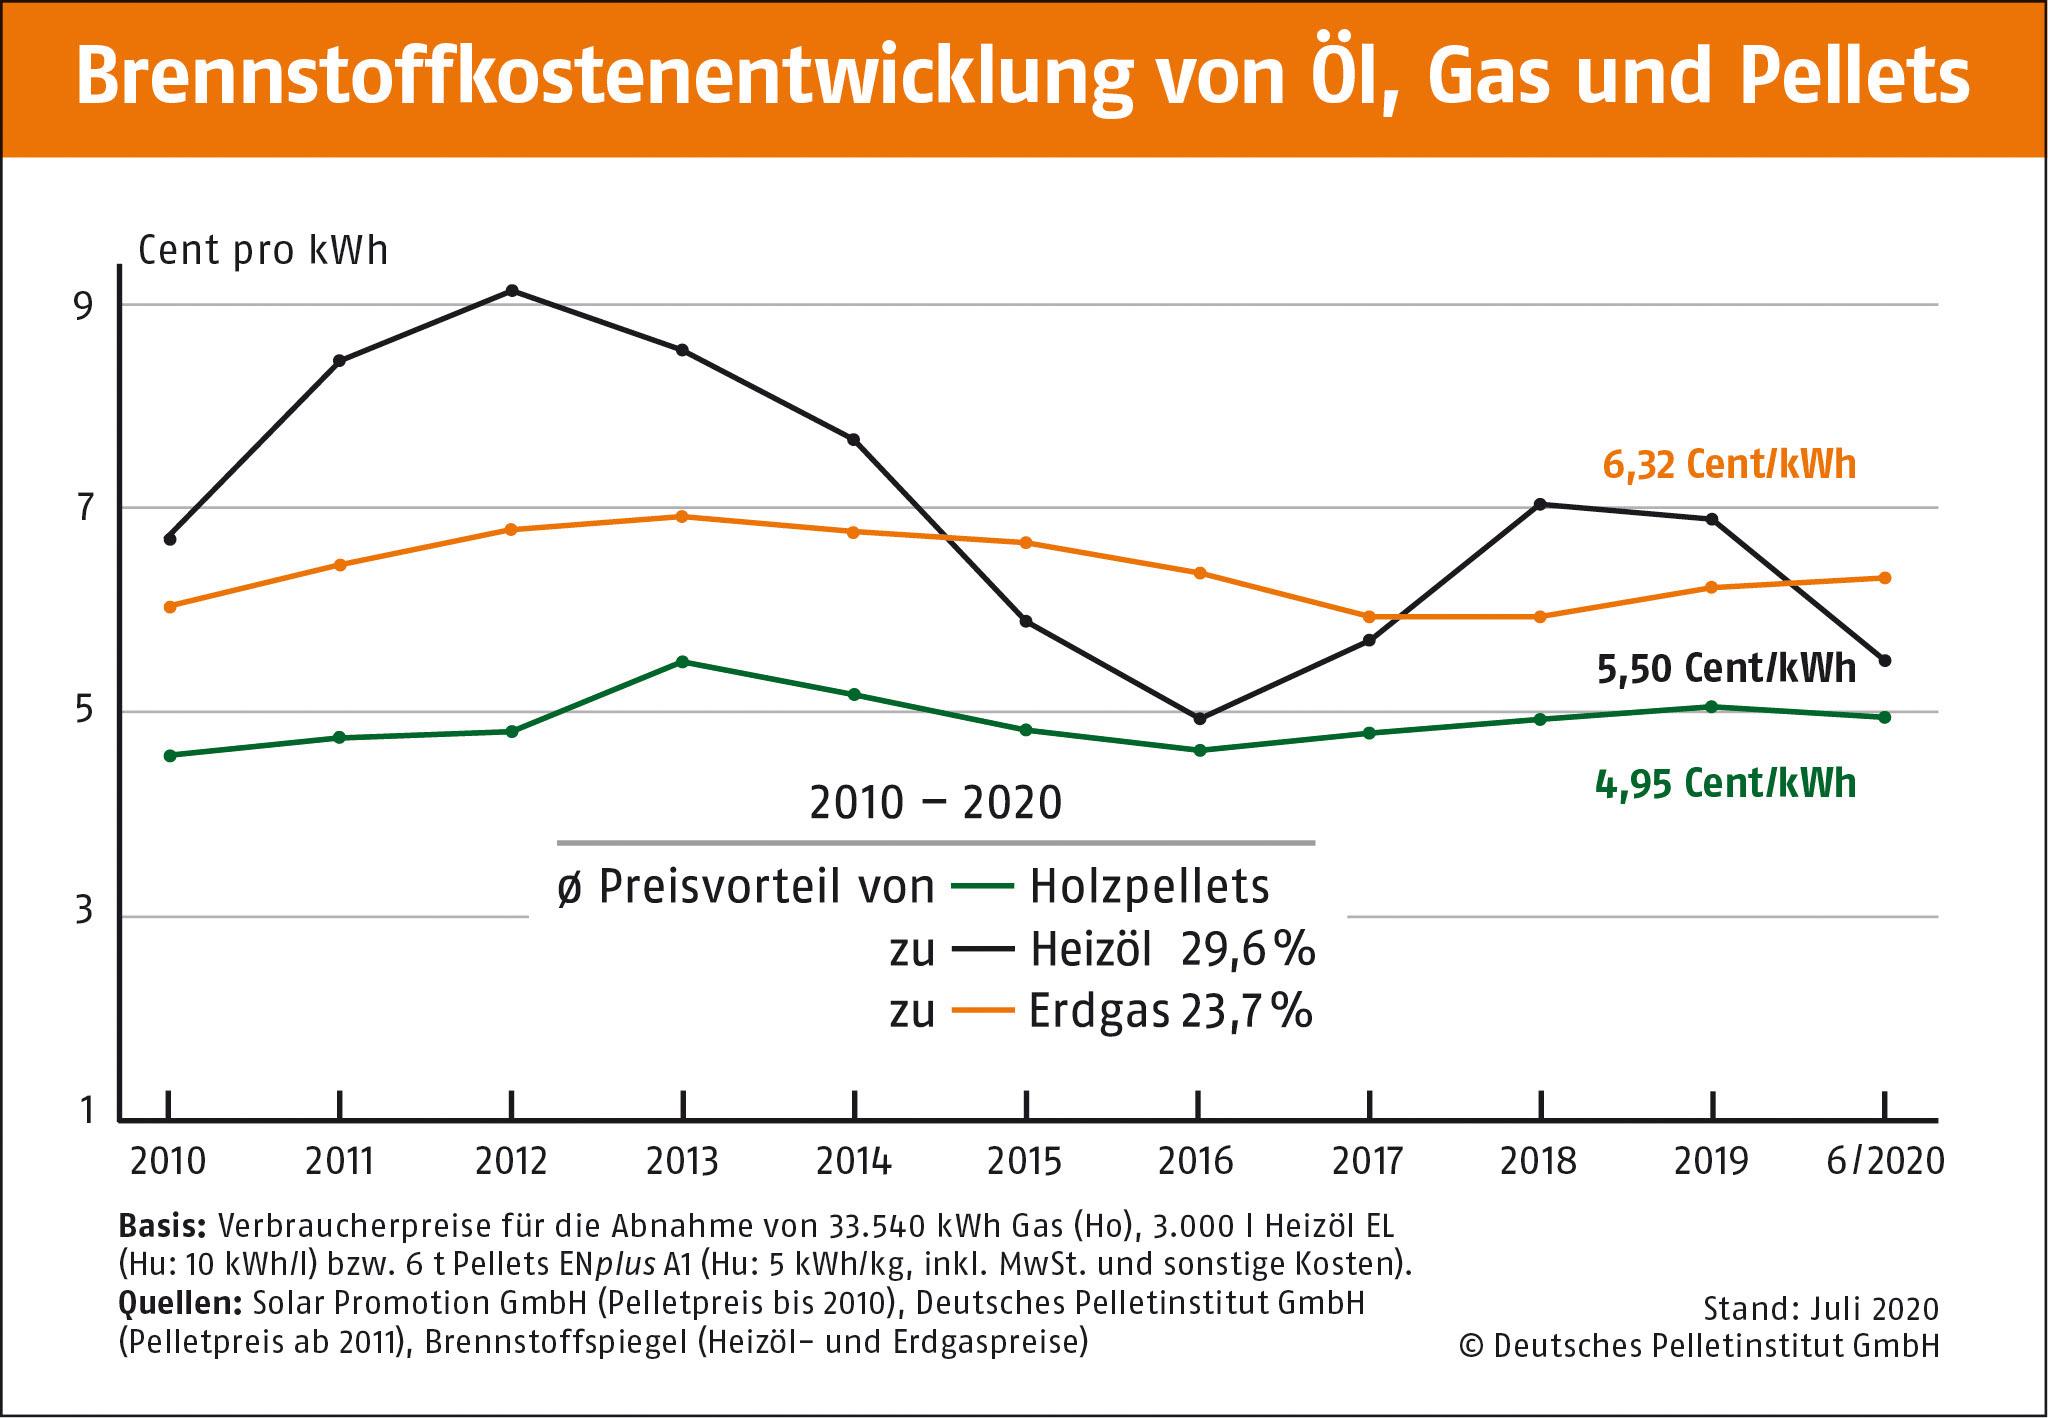 Brennstoffkostenentwicklung von Erdgas l und Pellets 10 Jahre DEPI BrennstoffkostenentwicklungOel Gas Pellets 2010 2020